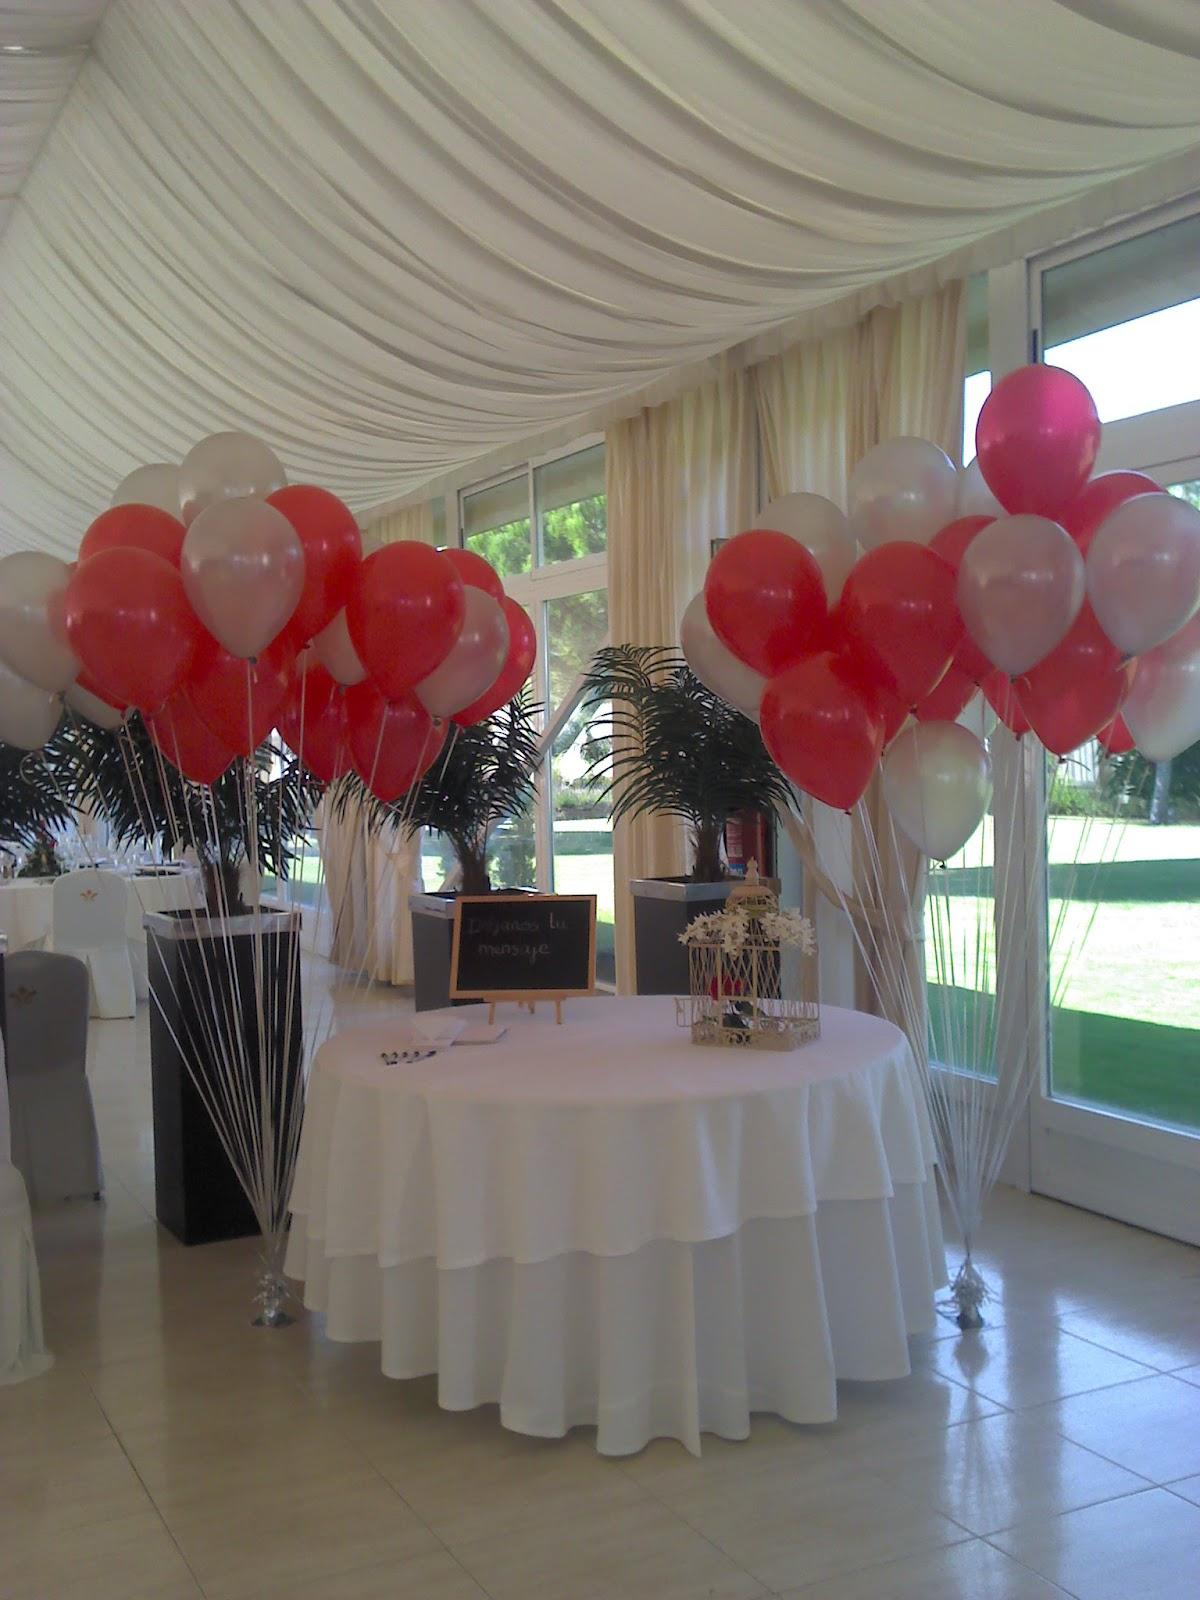 Lanas y barro decoraci n arboles de globos boda for Decoracion con globos bodas